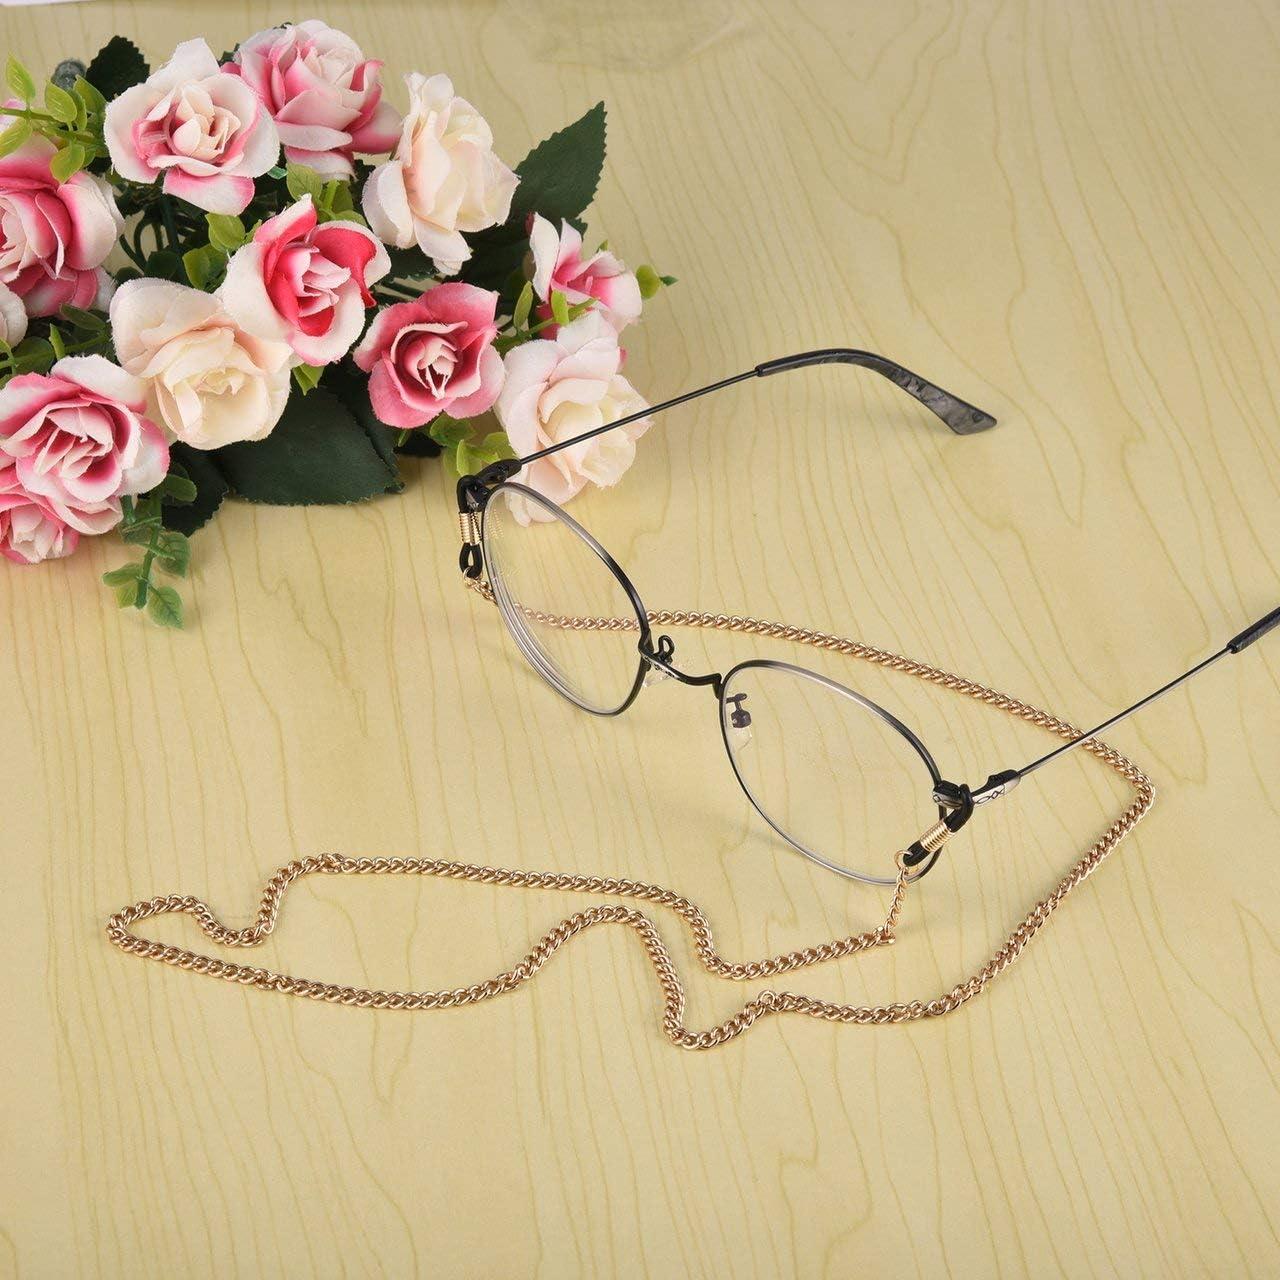 ITjasnyfall Dorato Occhiali delicati alla Moda Occhiali Collana a Catena Corda per Occhiali Supporto per Tracolla Cordino per Collo Regali per Amici